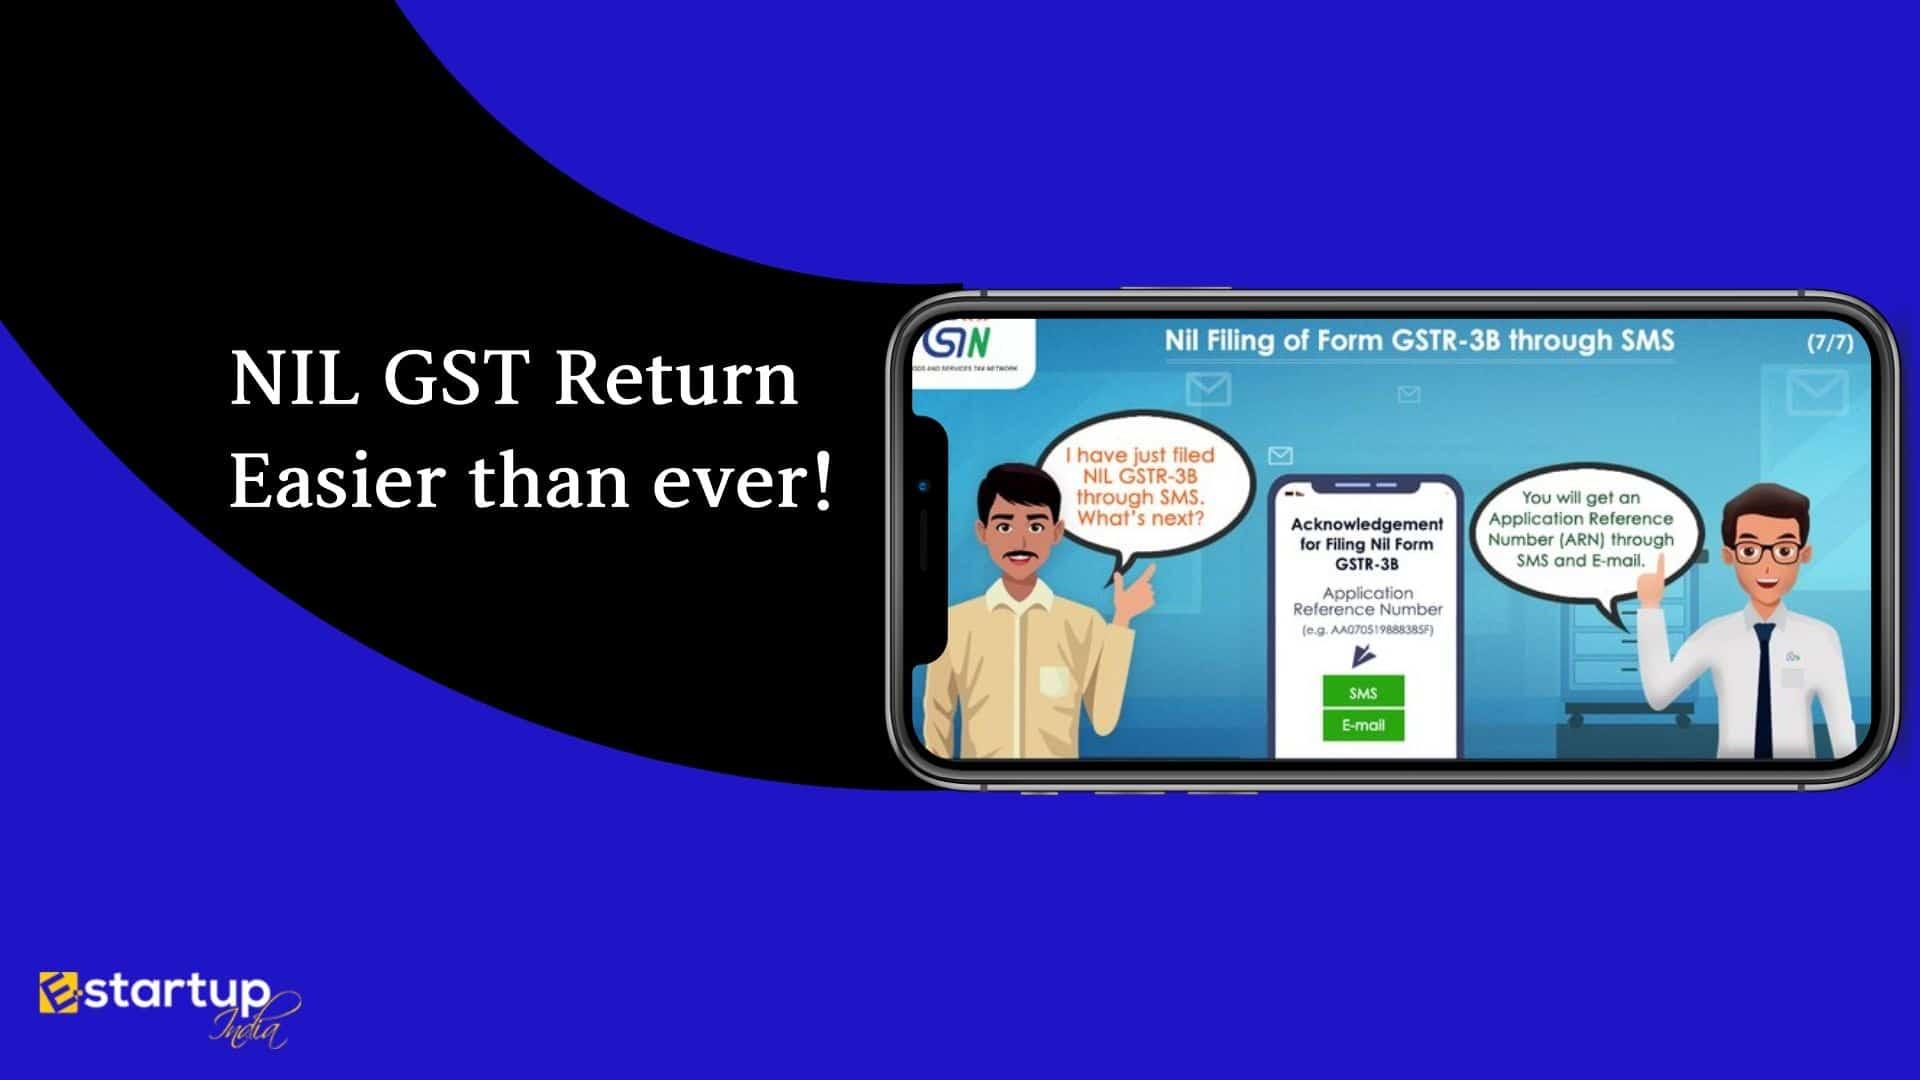 NIL GST Return Filing Easier than Ever